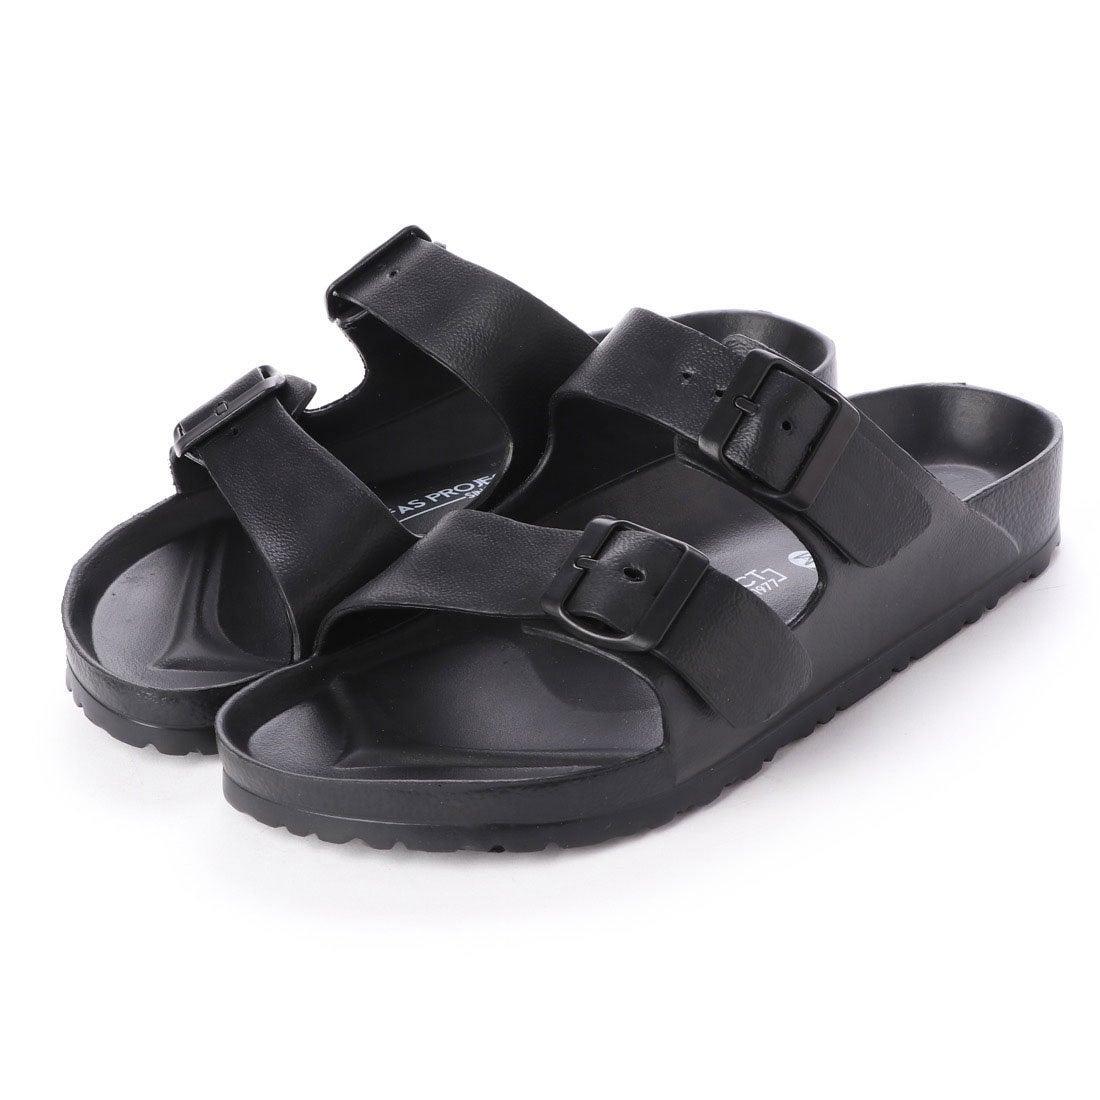 5e9250d90bd20 スポーツサンダル メンズ ソロット SOROTTO (MENS)(BLACK) -靴&ファッション通販 ロコンド〜自宅で試着、気軽に返品